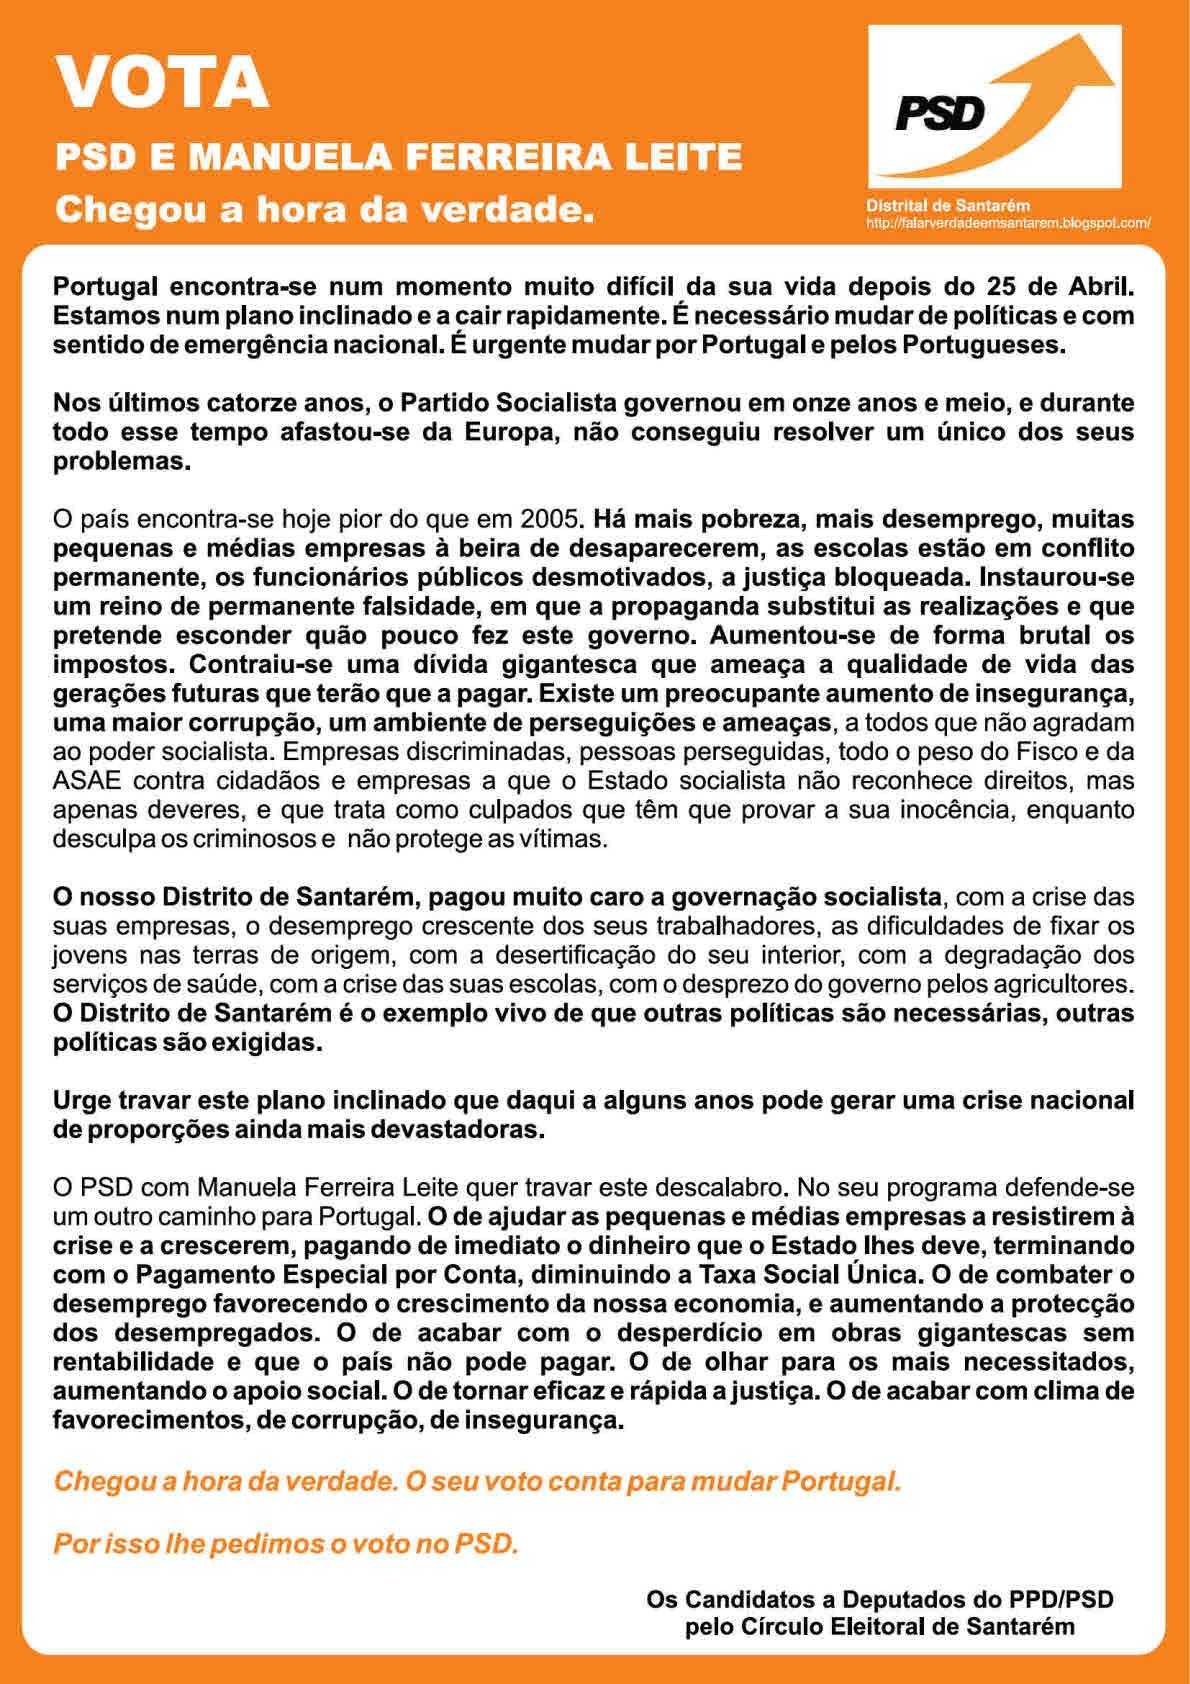 MENSAGEM CANDIDATOS PSD SANTAREM (2)